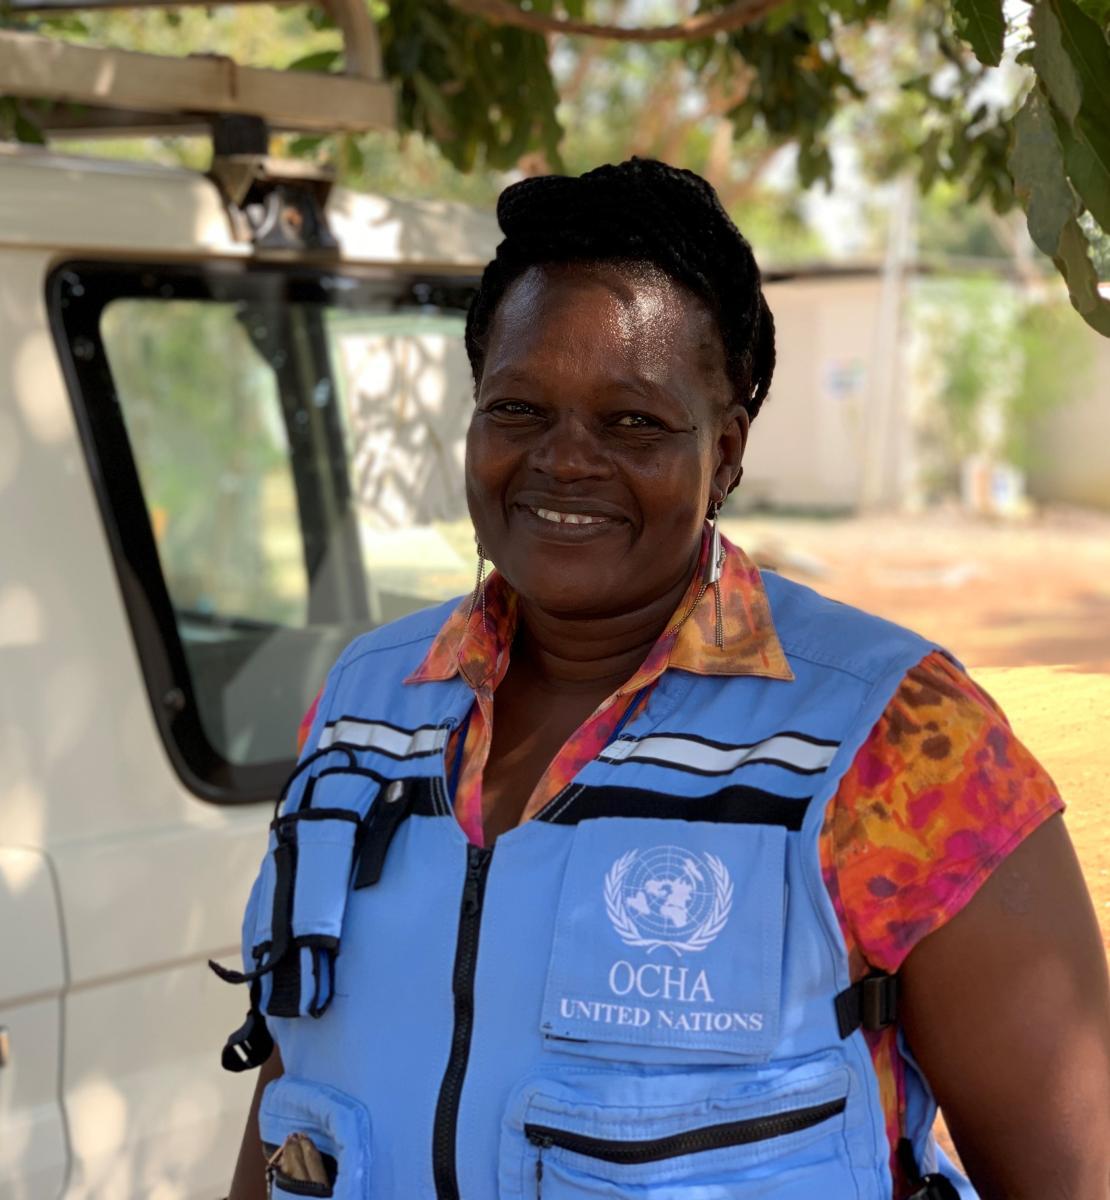 Une femme portant un gilet bleu clair de l'OCHA, le Bureau des Nations Unies pour la coordination des affaires humanitaire, sourit à la caméra.